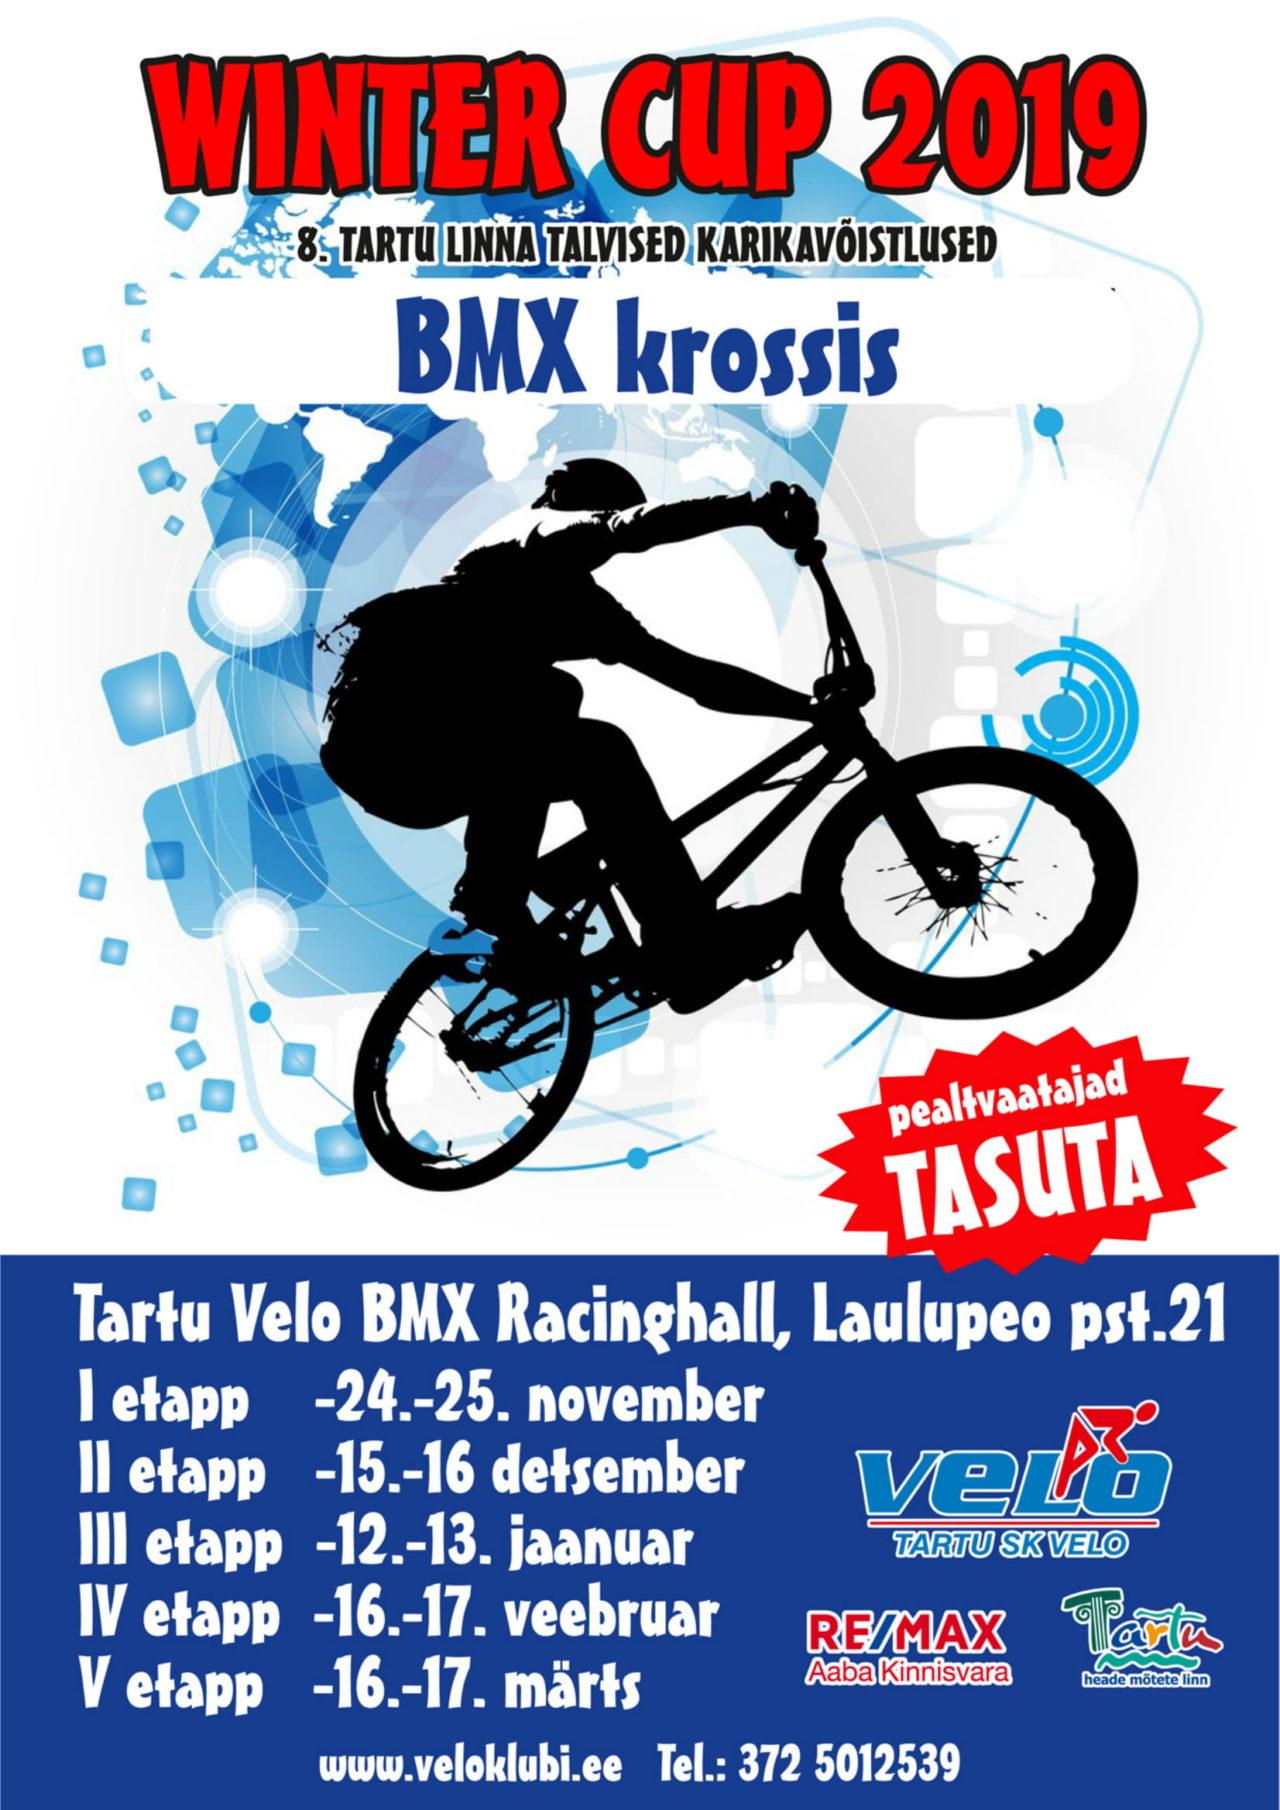 BMX-Winter-Cup.-2019-1-1280x1810.jpg